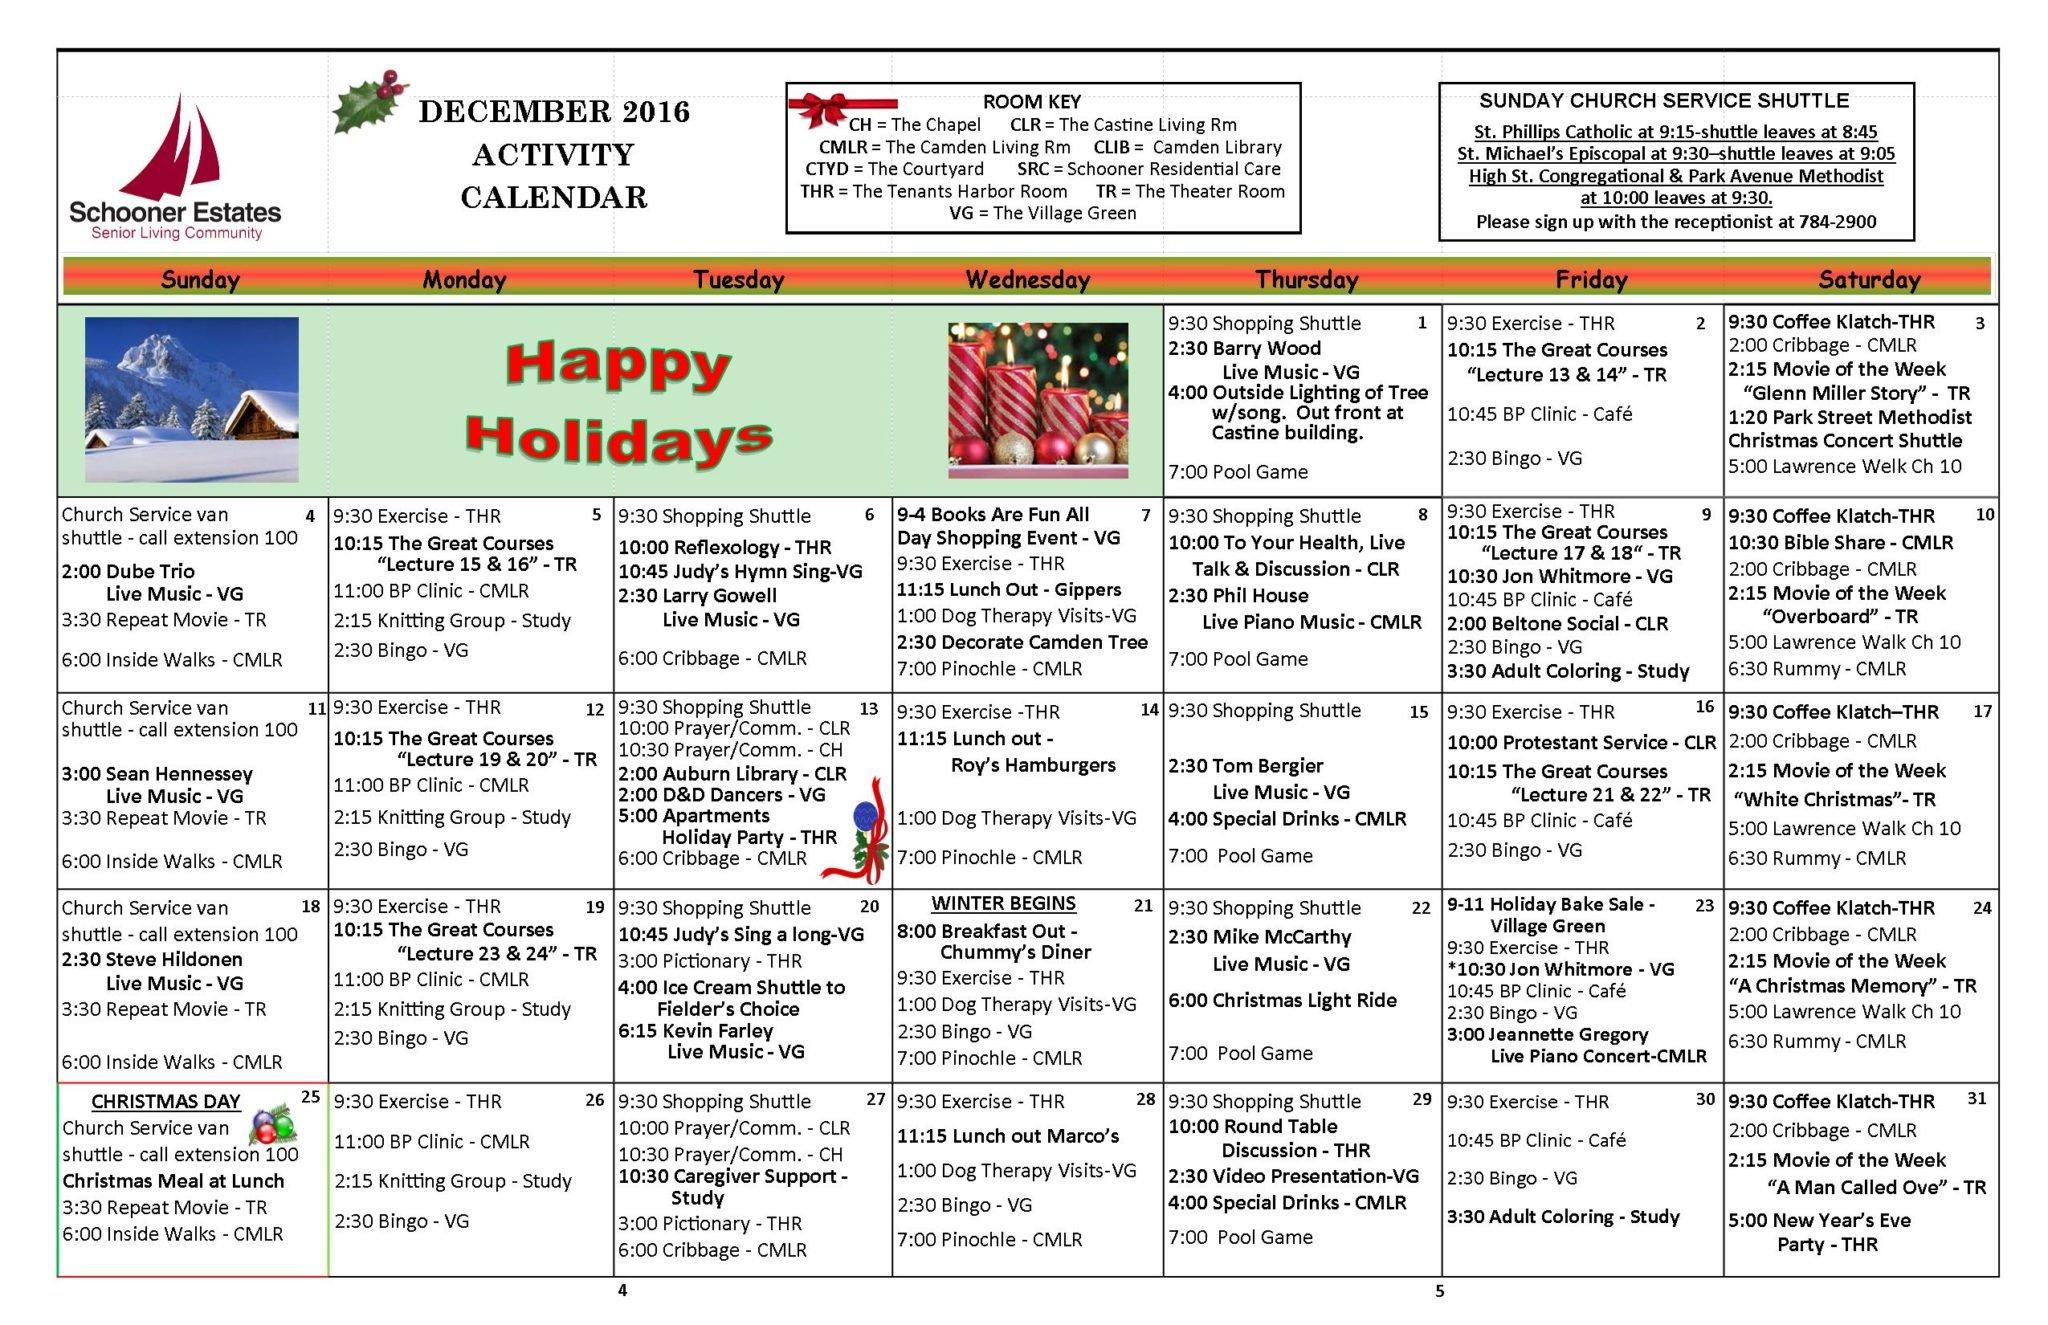 december-2016-independent-living-activity-calendar